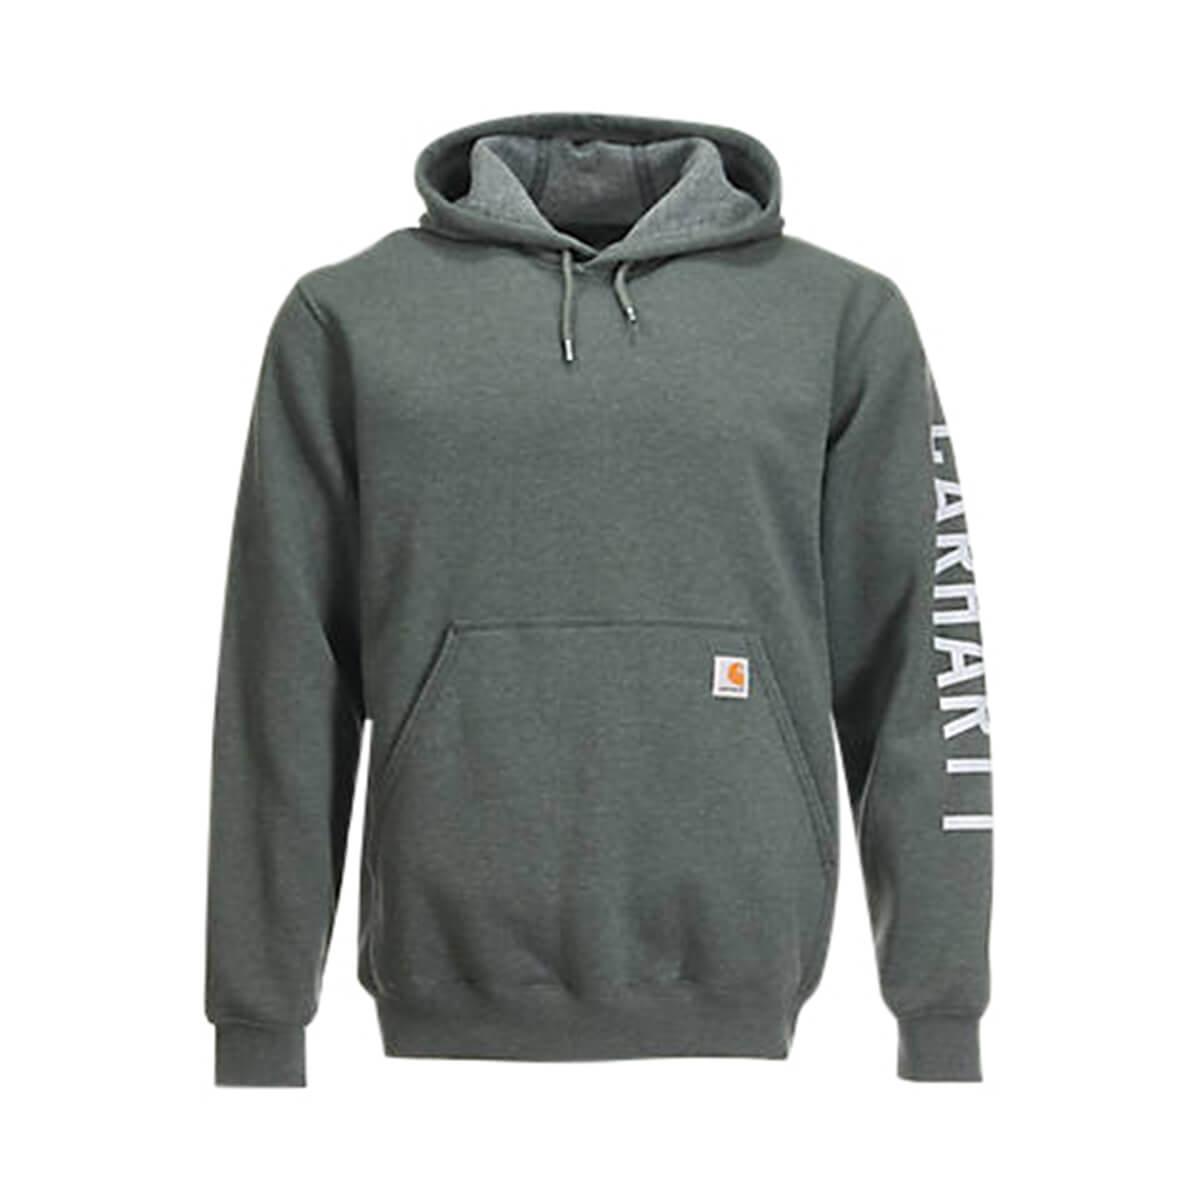 Men's Loose Fit Midweight Exclusive Logo Sweatshirt - Elm